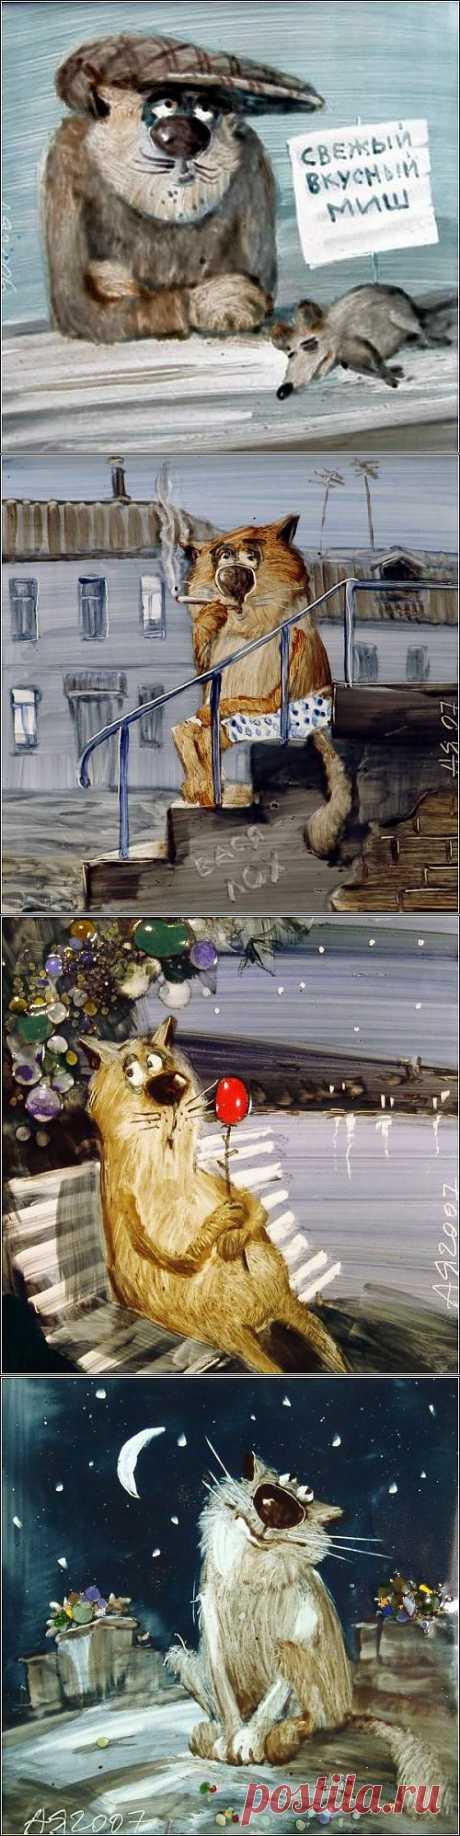 Кошачья жизнь в картинках Анатолия Ярышкина.